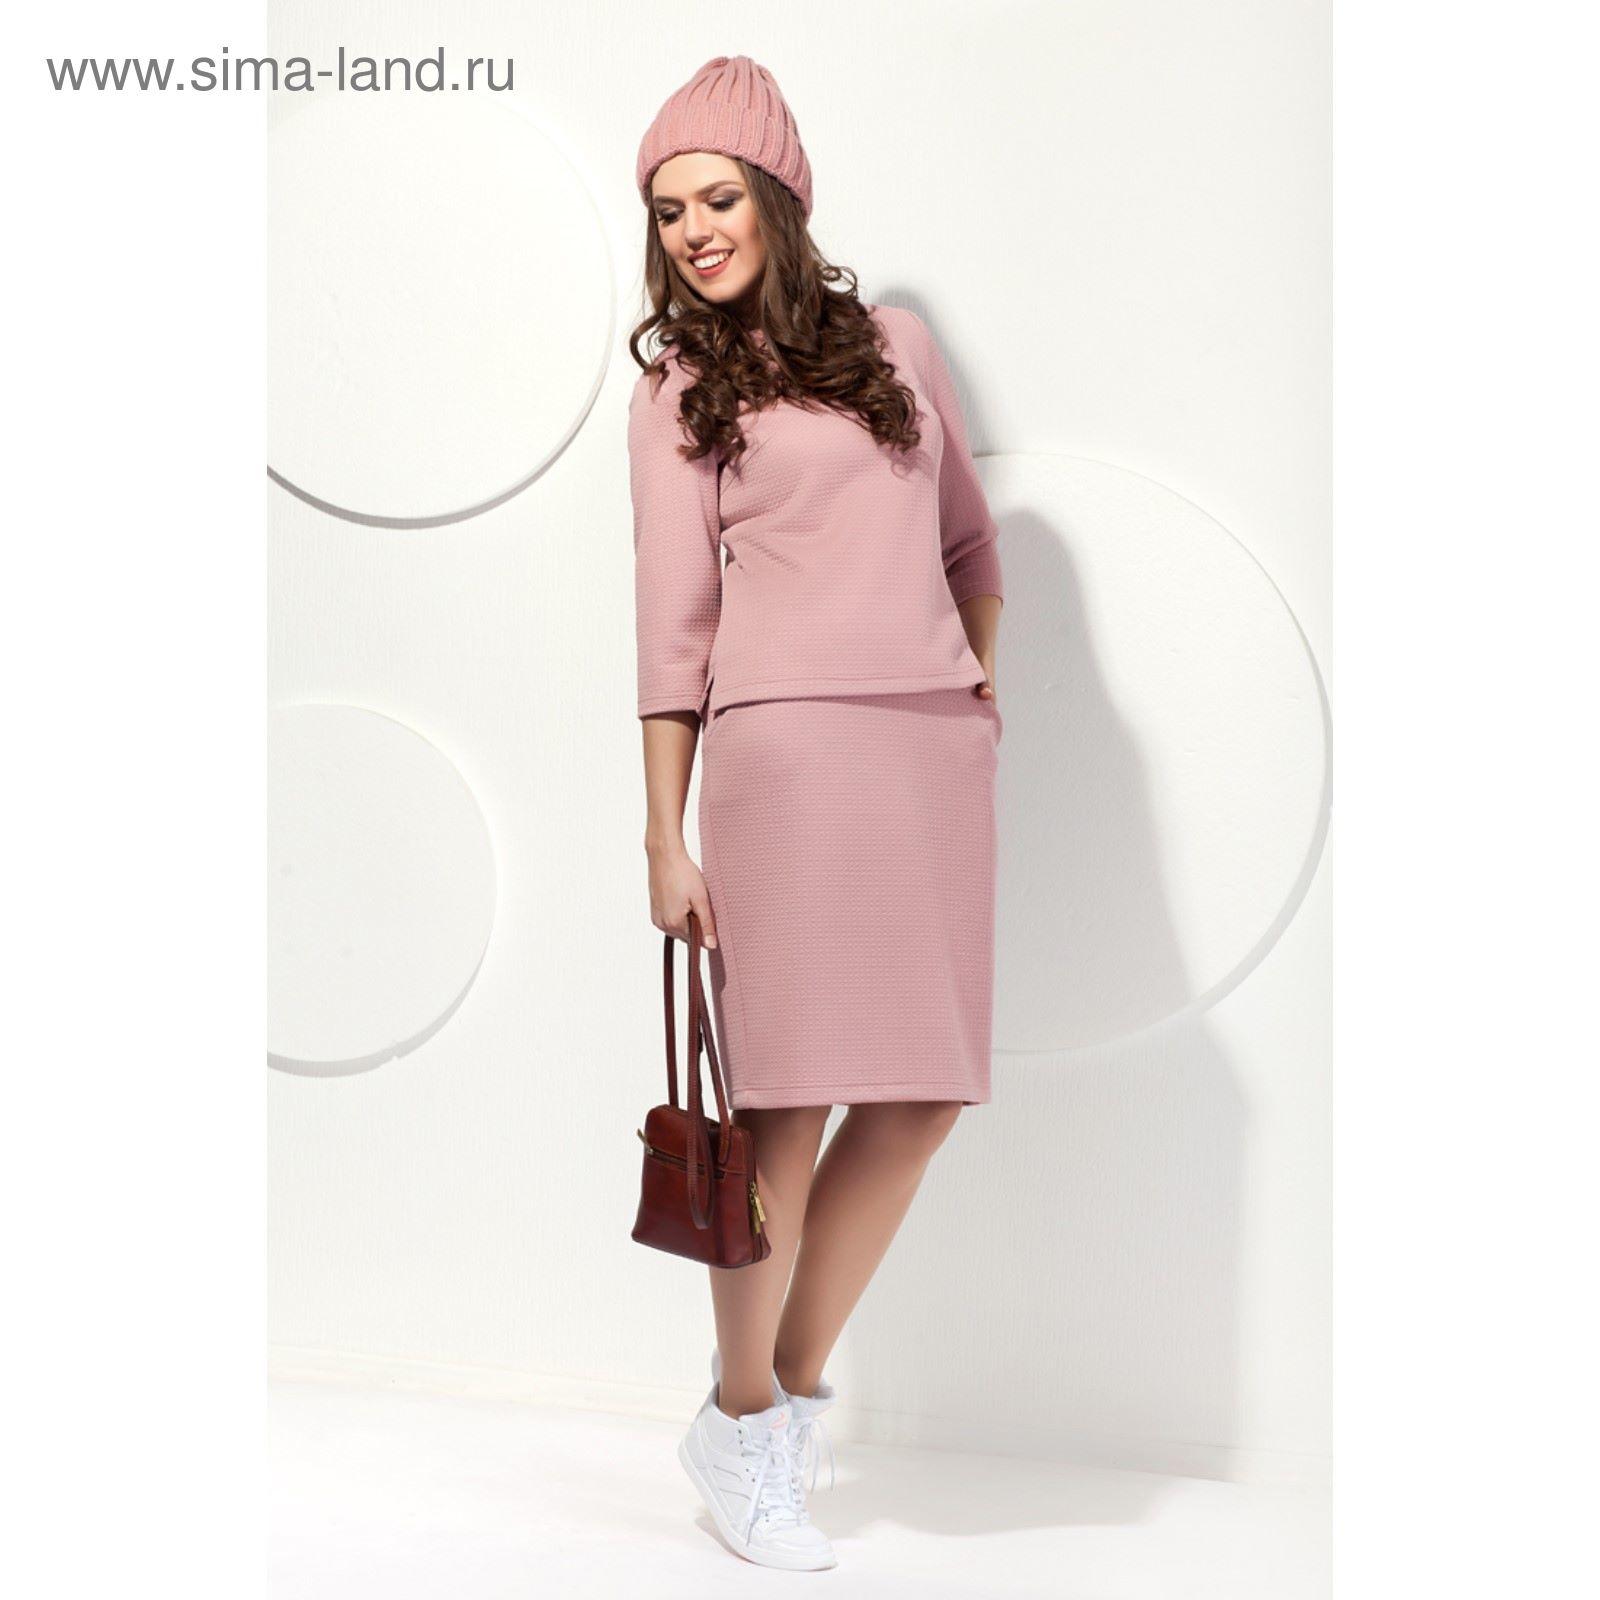 Юбка женская, размер 54, цвет пудровый Ю-459 1 (2337740) - Купить по ... 8bc7280b932